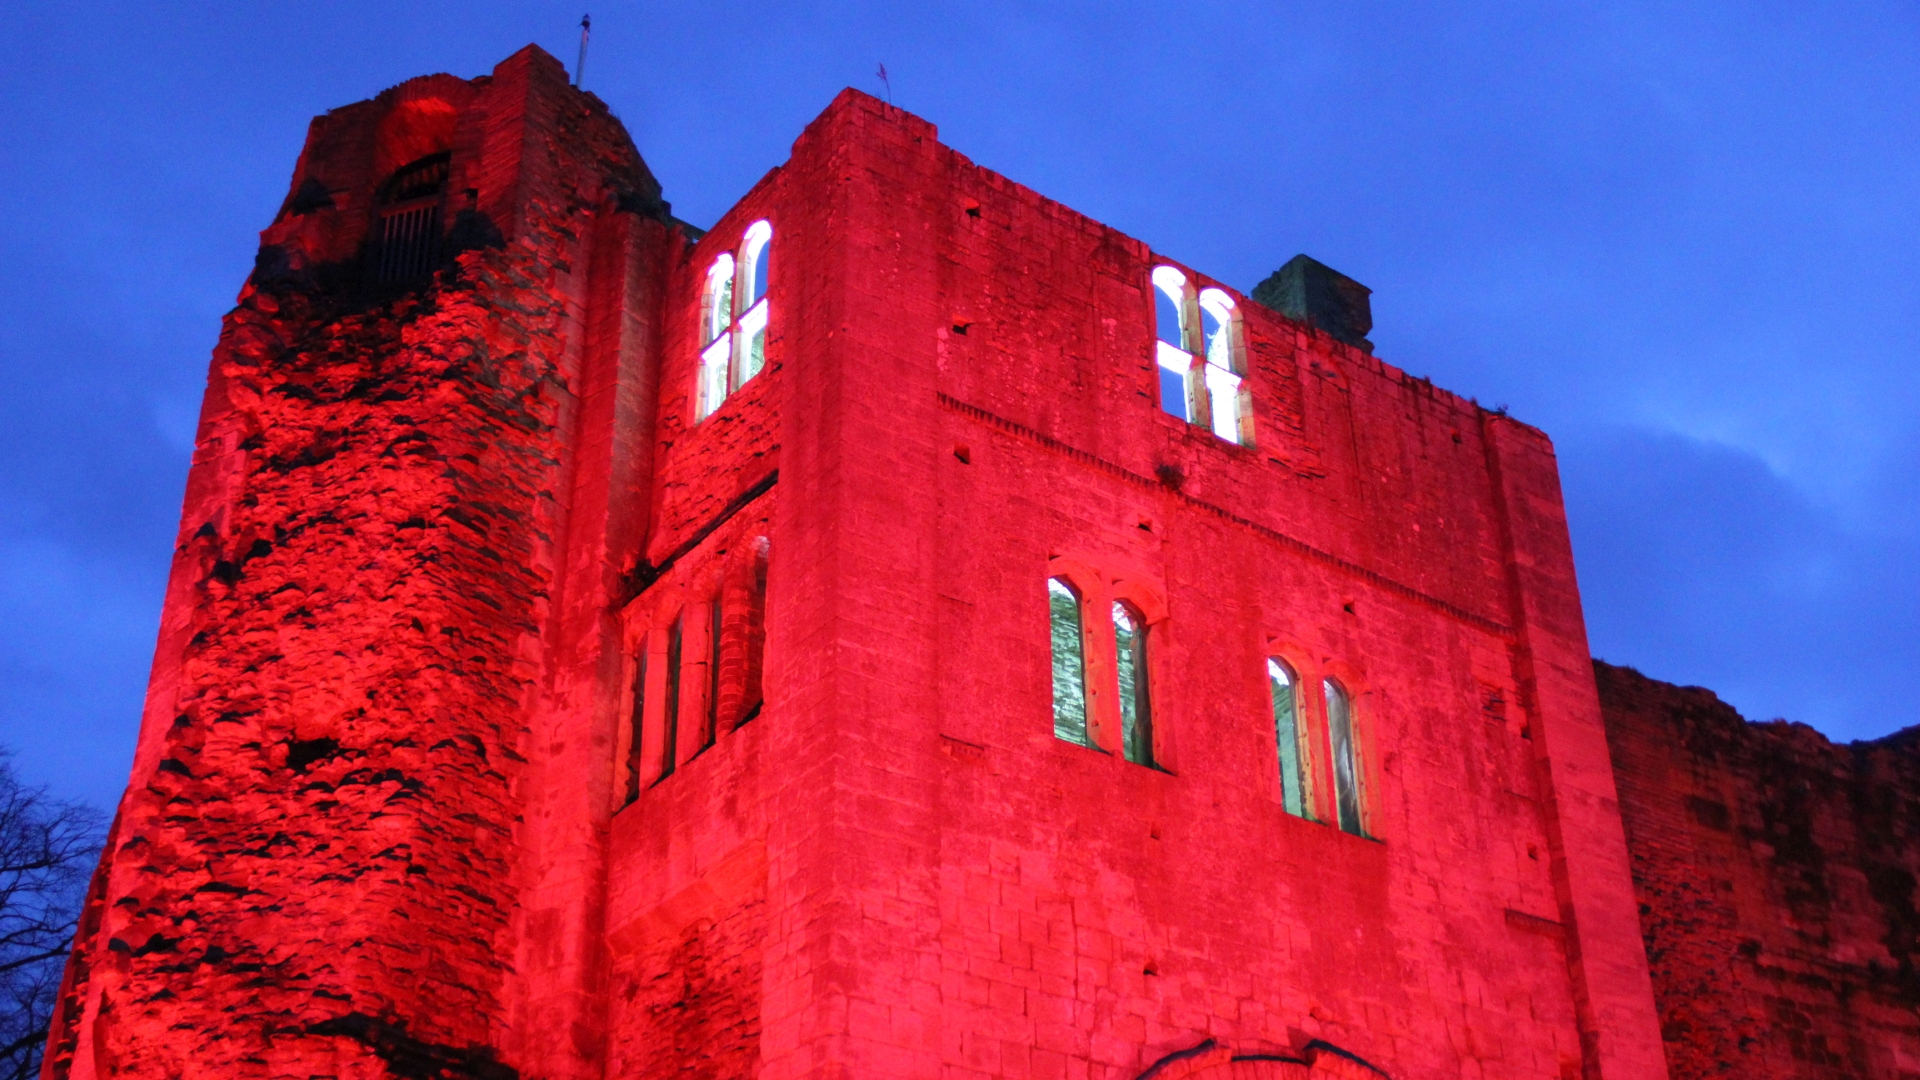 Castle lighting